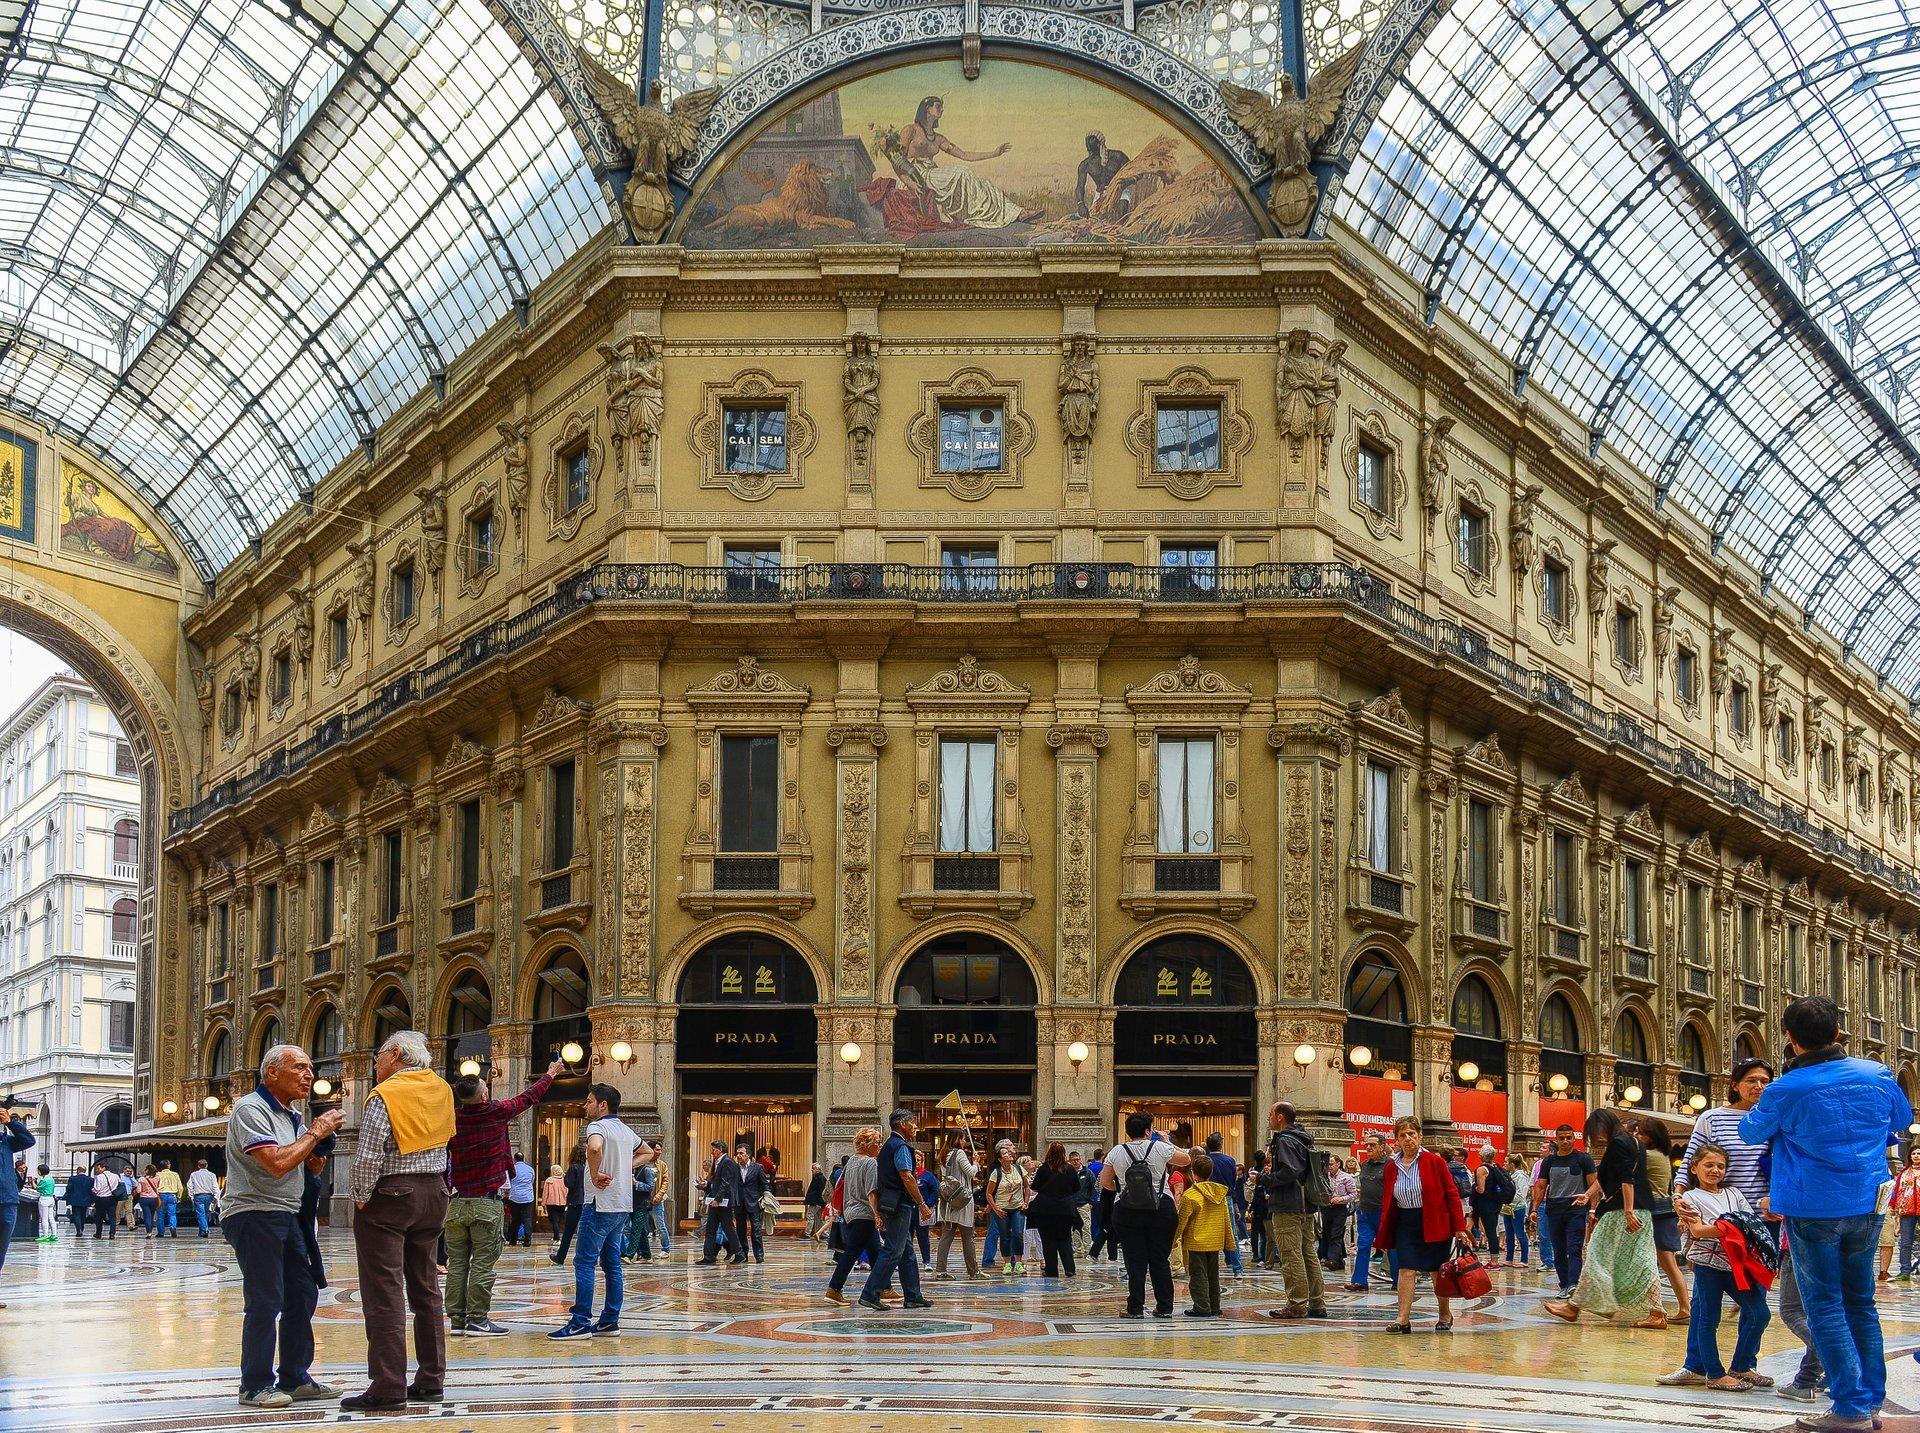 Galleria Vittorio Emanuele II 2019